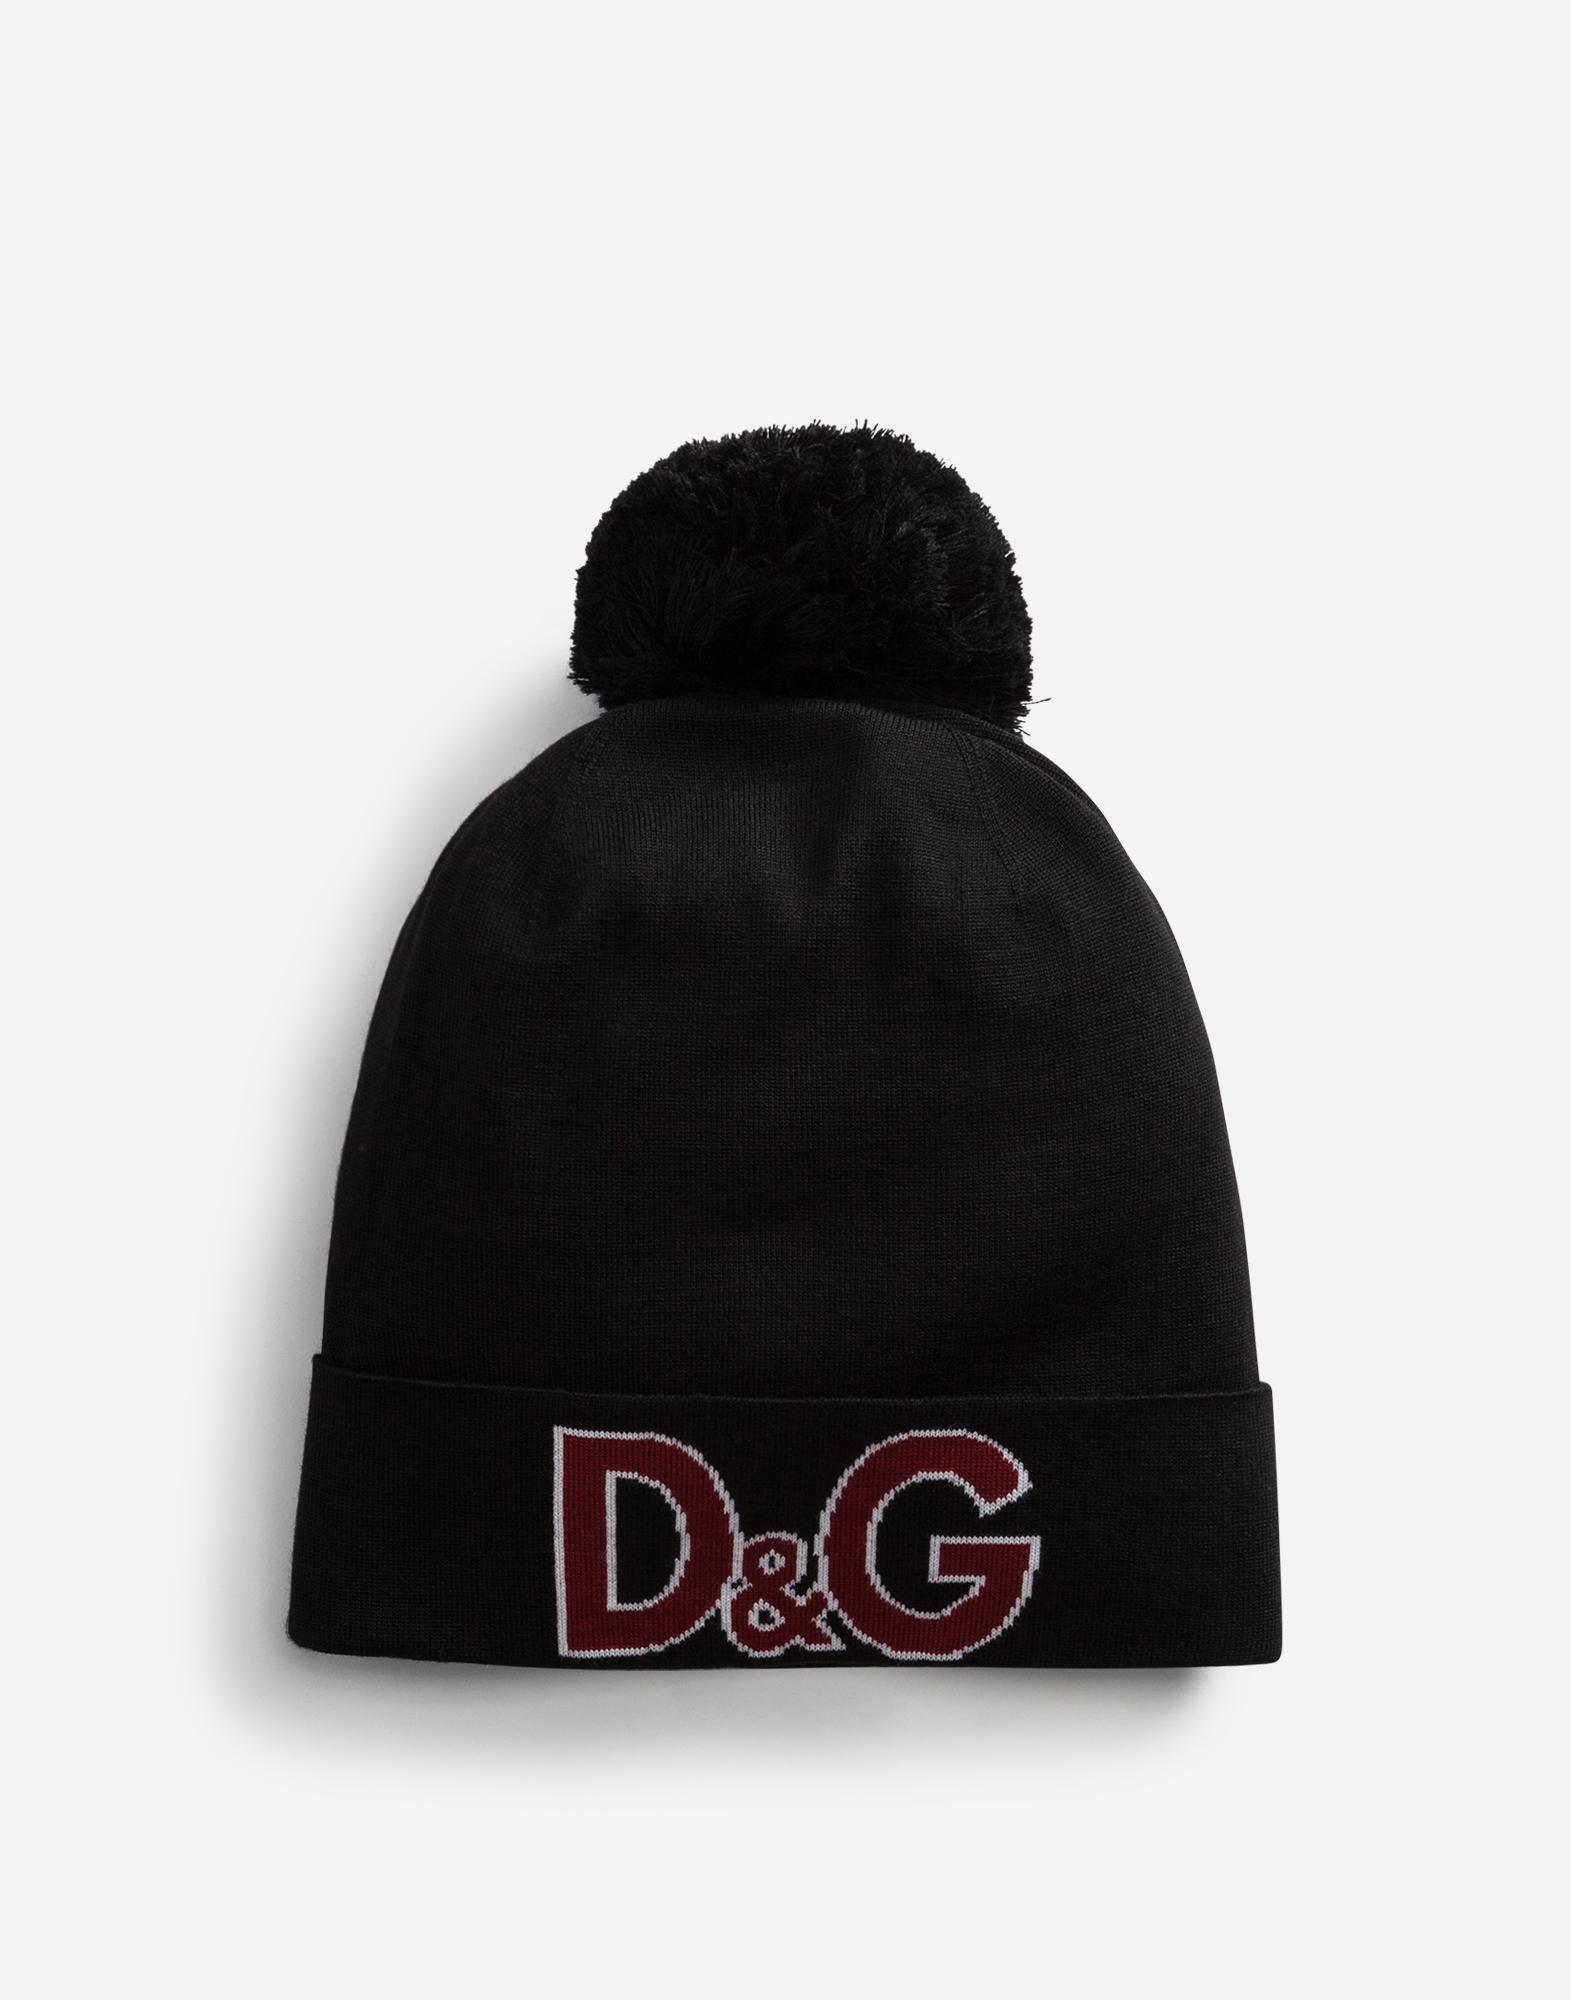 Dolce&Gabbana WOOL HAT